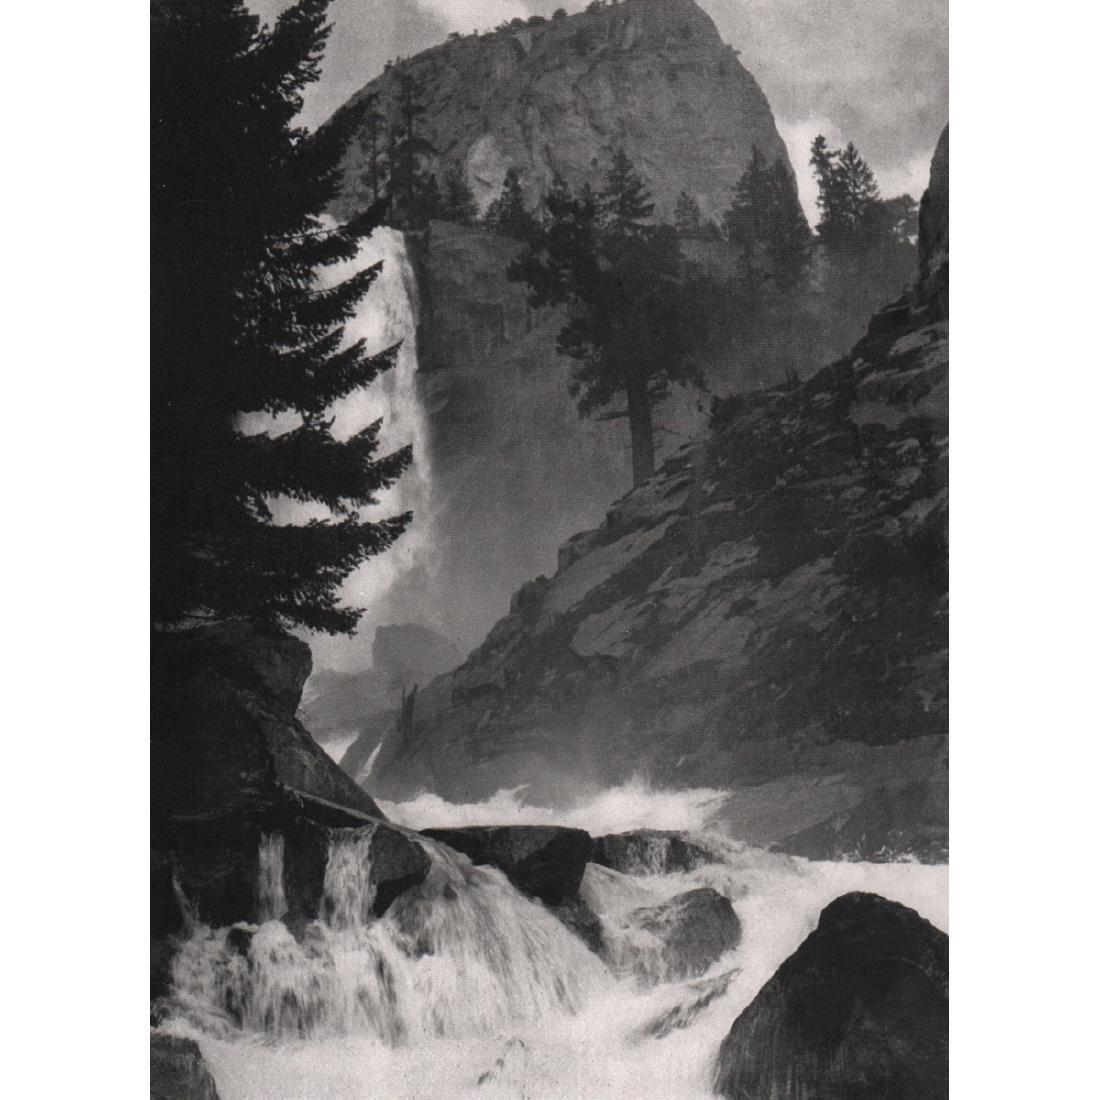 ANSEL ADAMS - Vernal Fall, Yosemite Nat'l Park